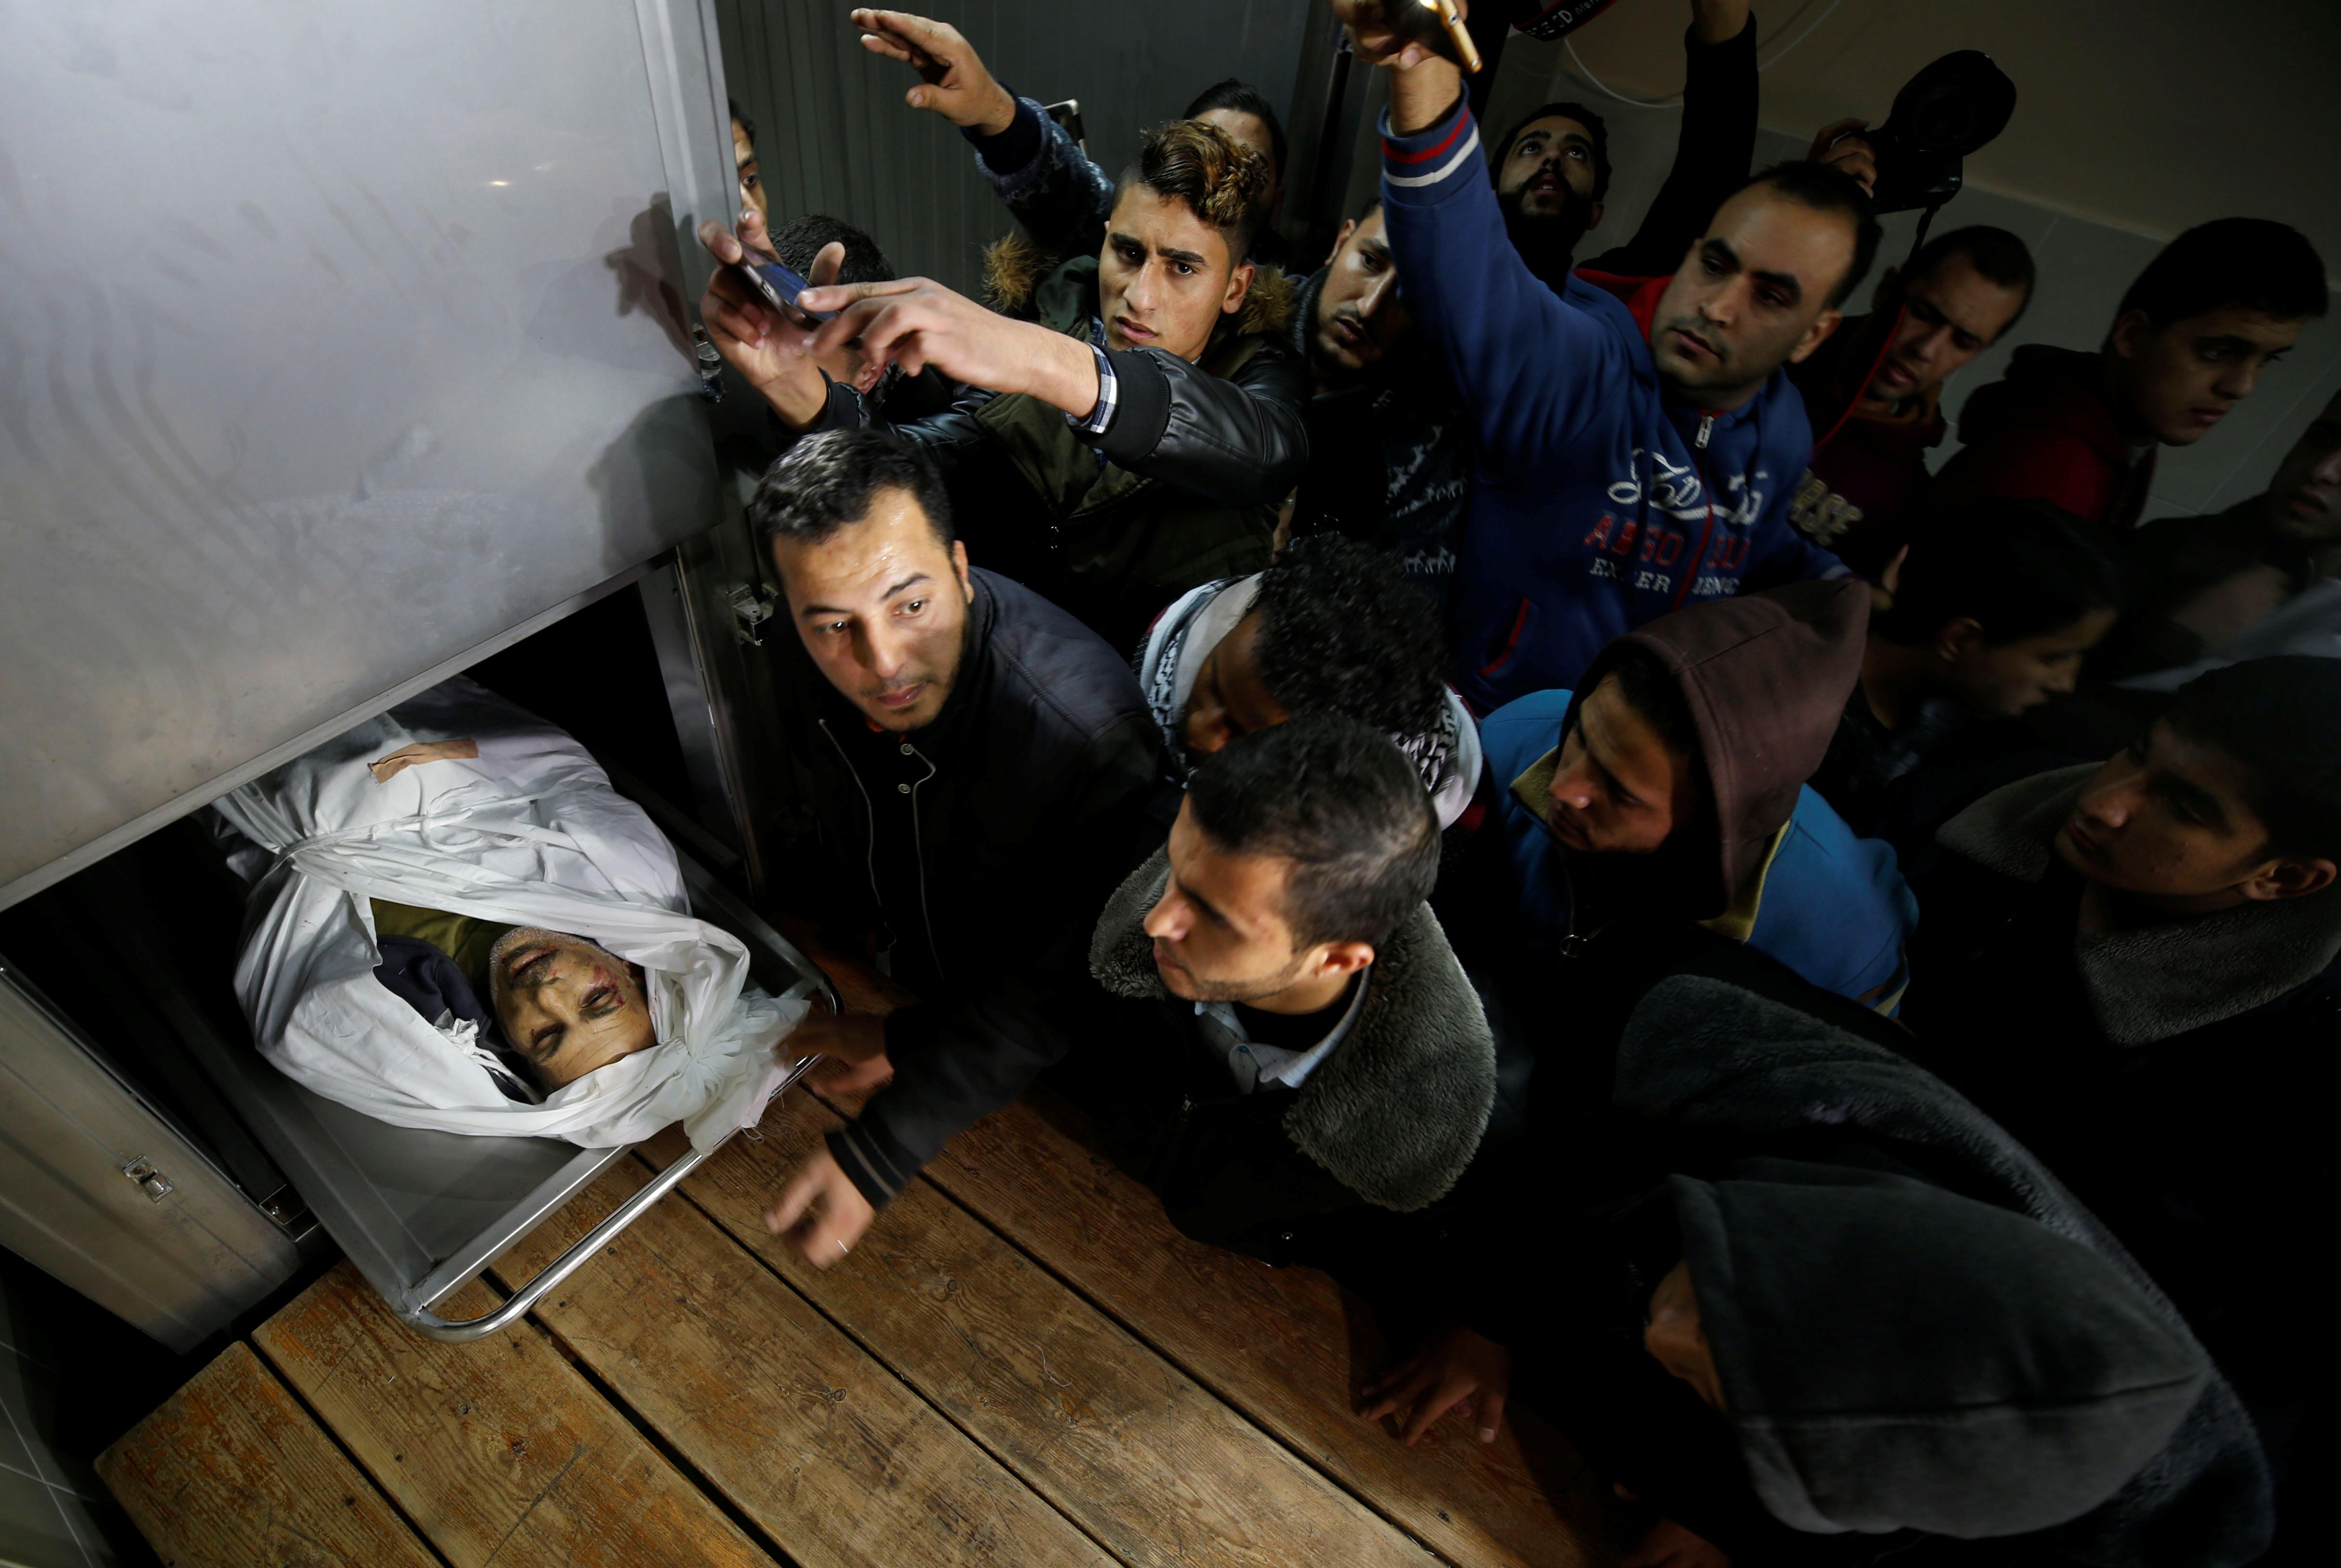 Jedan od ubijenih Palestinaca koji su poginuli 8. prosinca 2017.